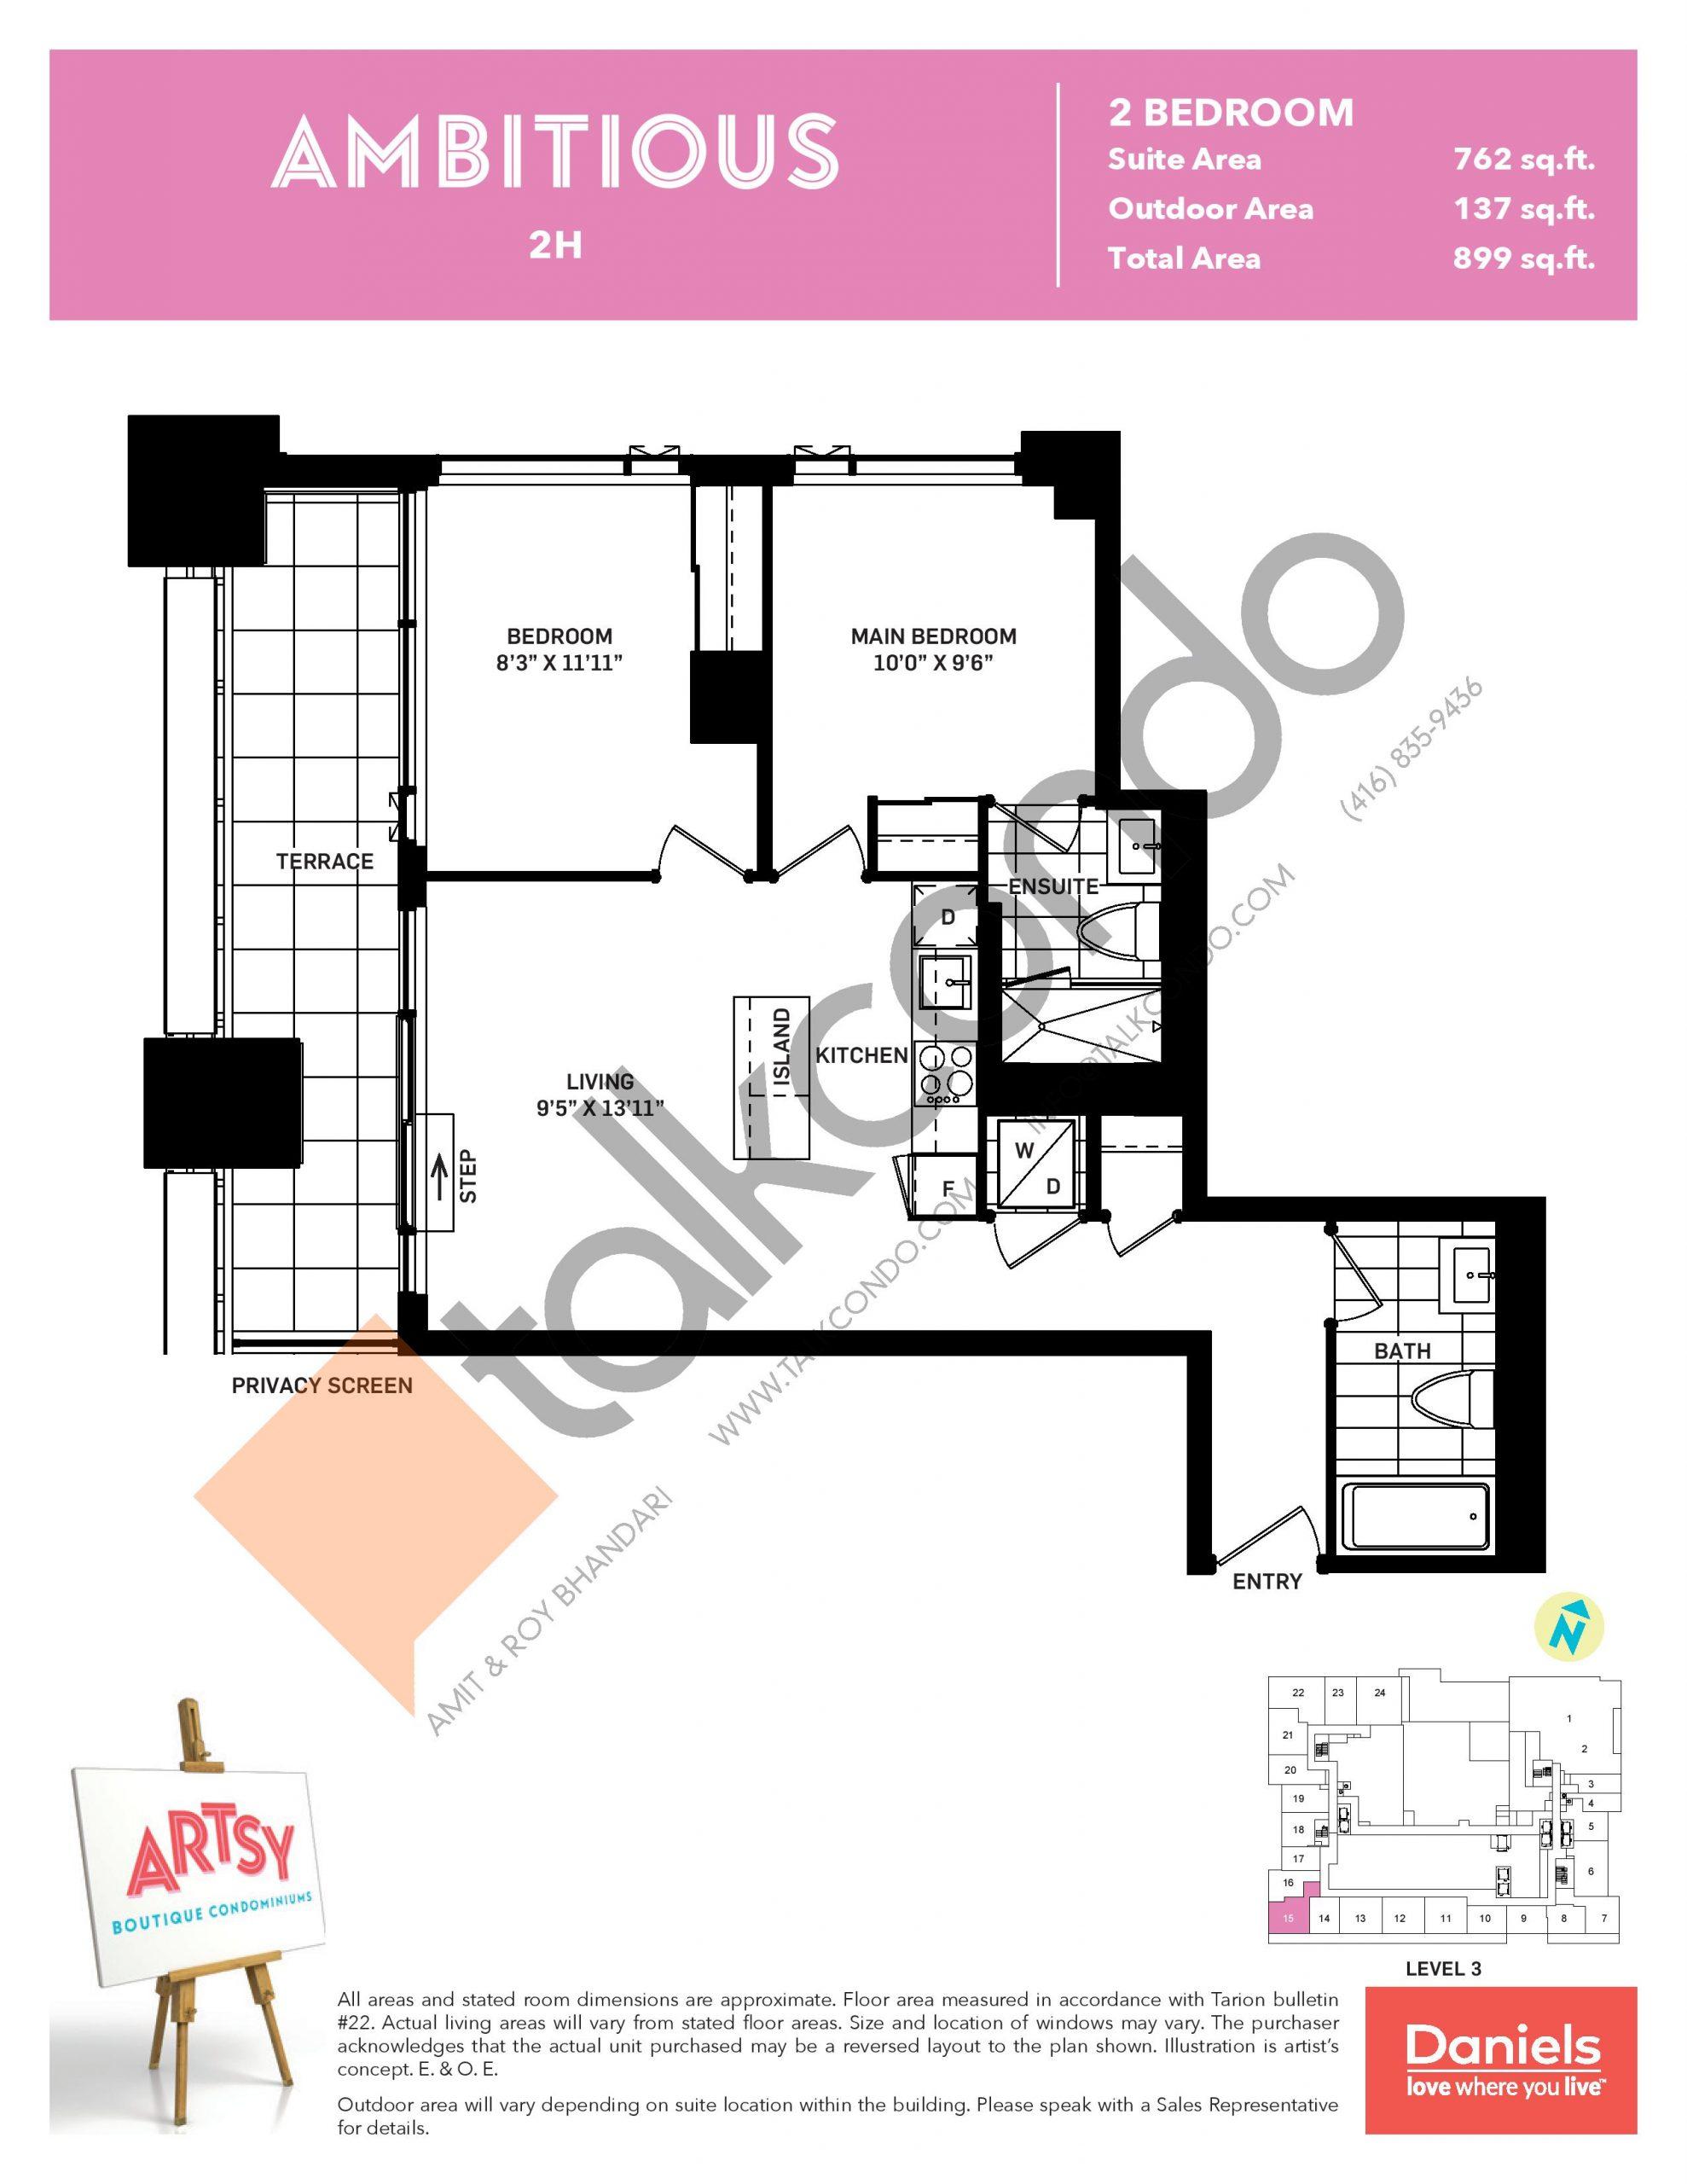 Ambitious Floor Plan at Artsy Boutique Condos - 762 sq.ft